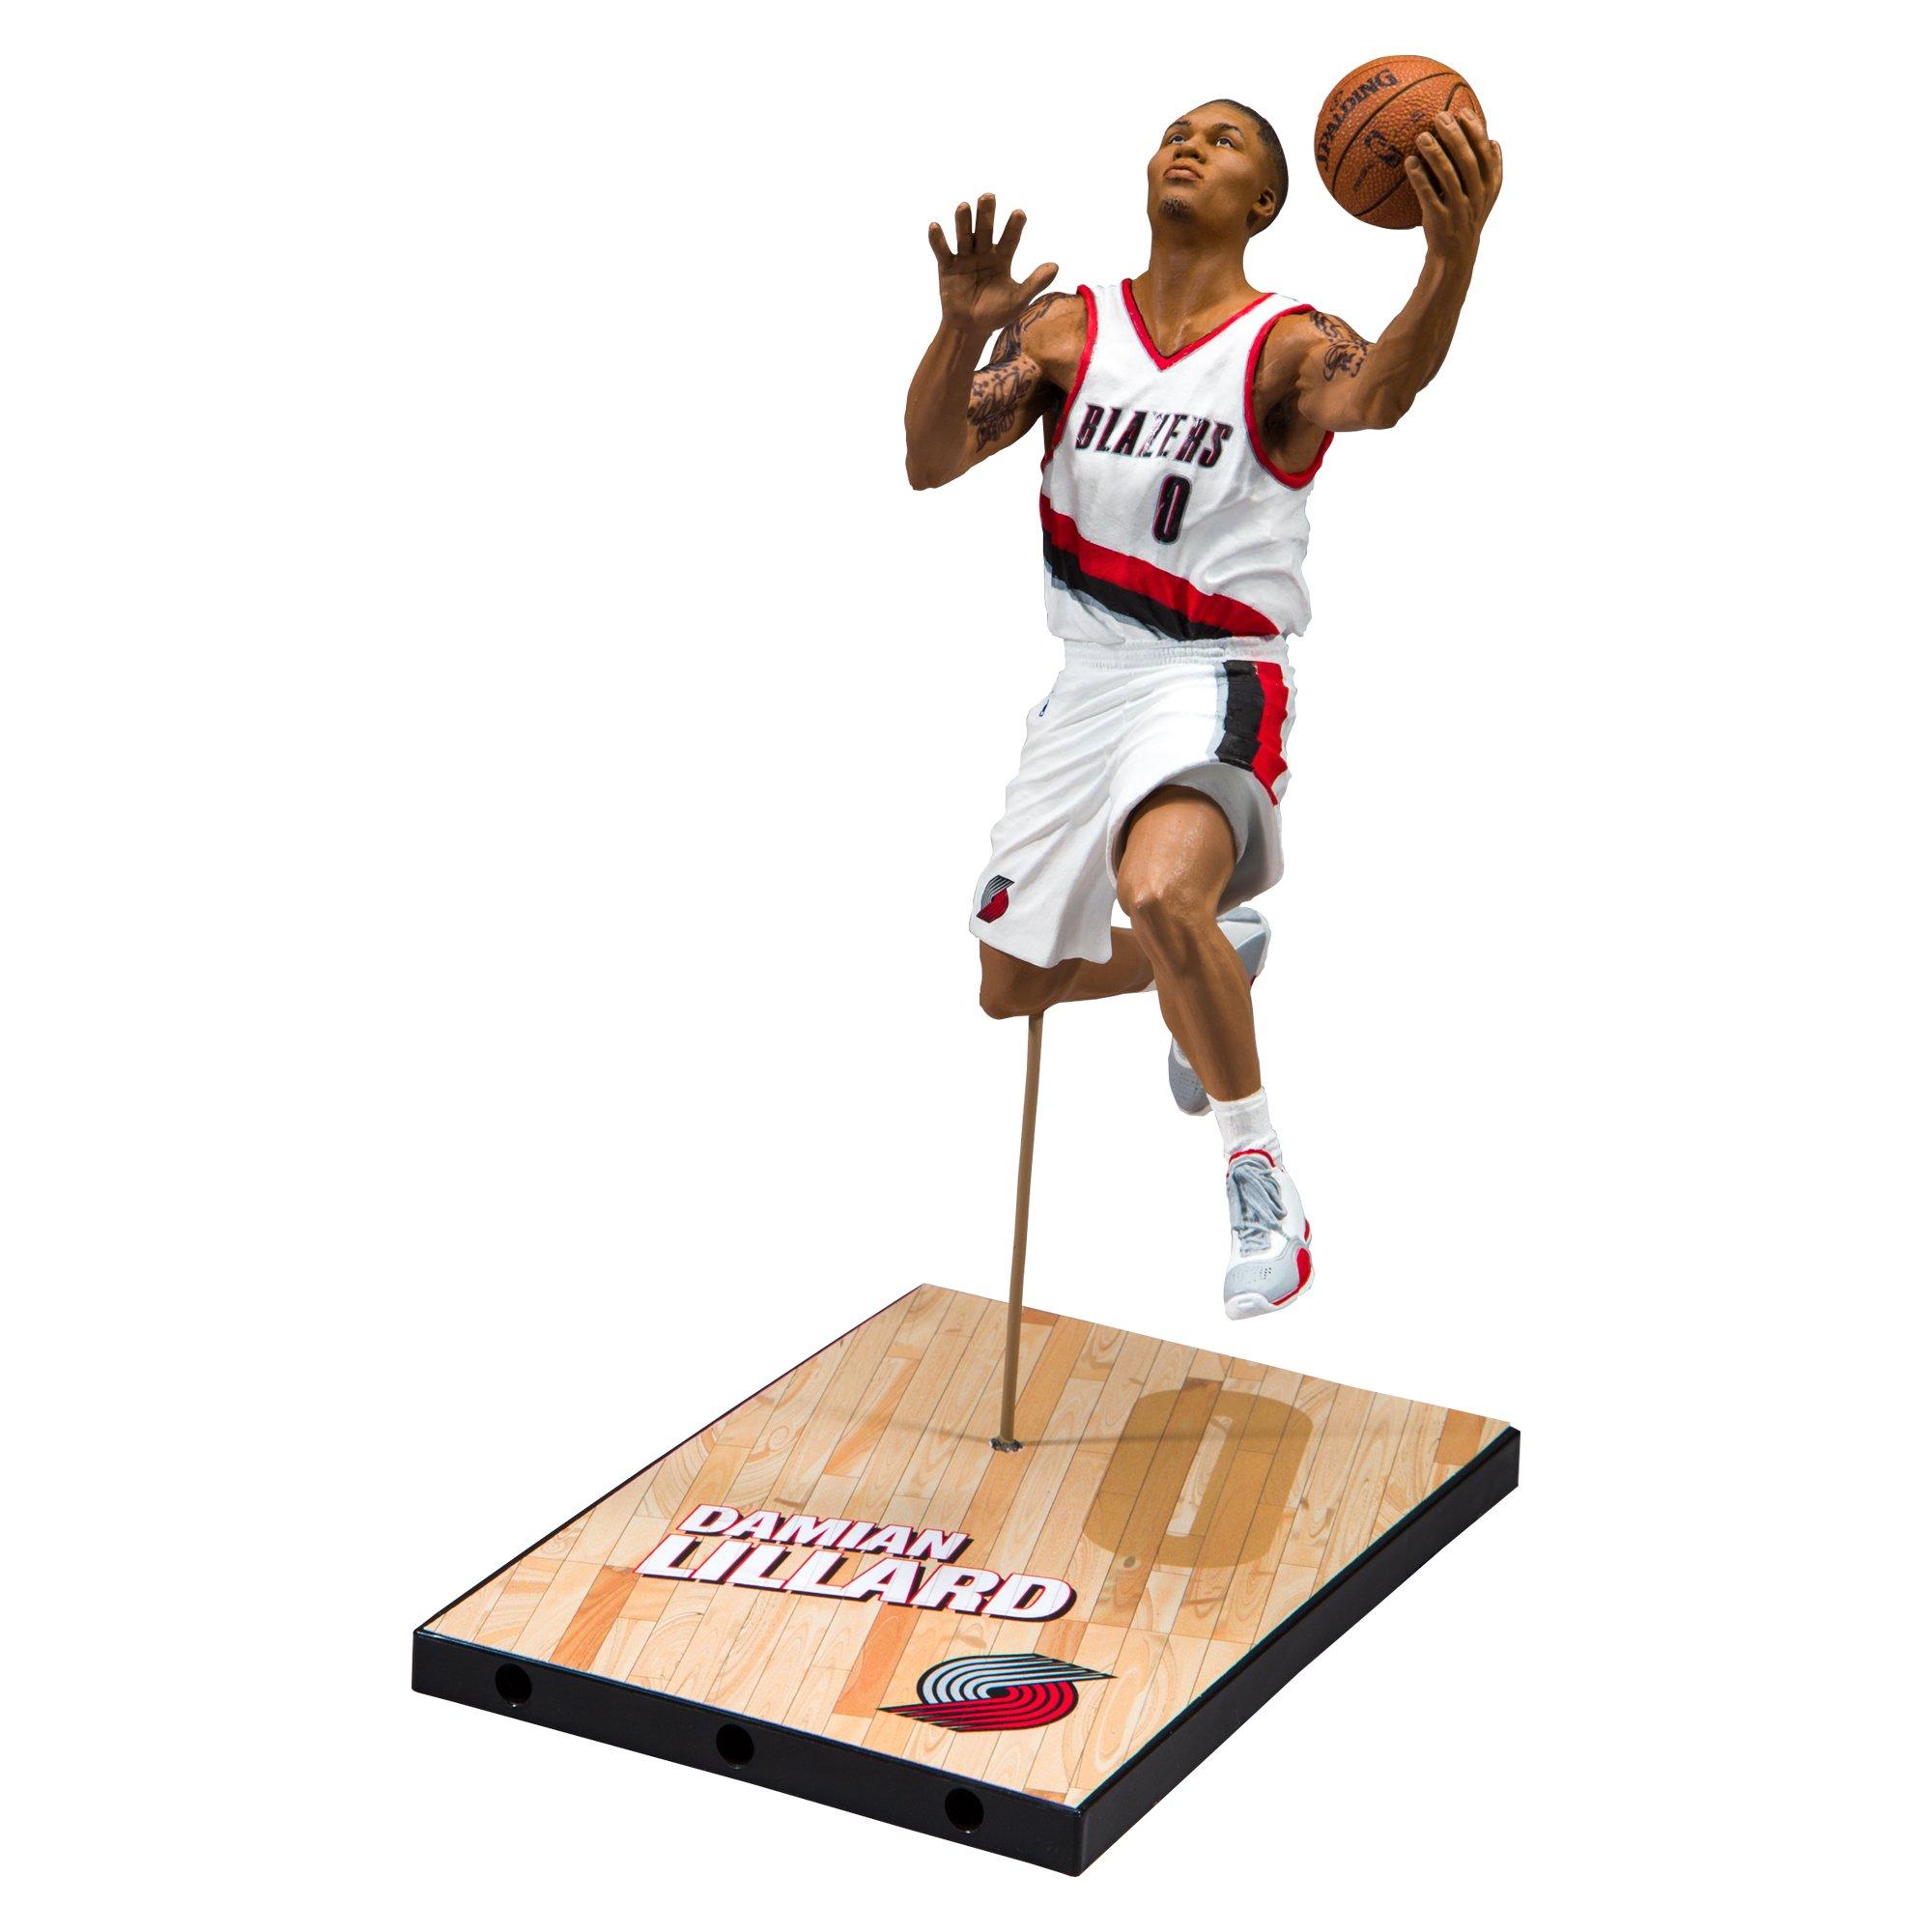 McFarlane Toys NBA Series 30 Portland Trail Blazers Damian Lillard Action Figure by McFarlane